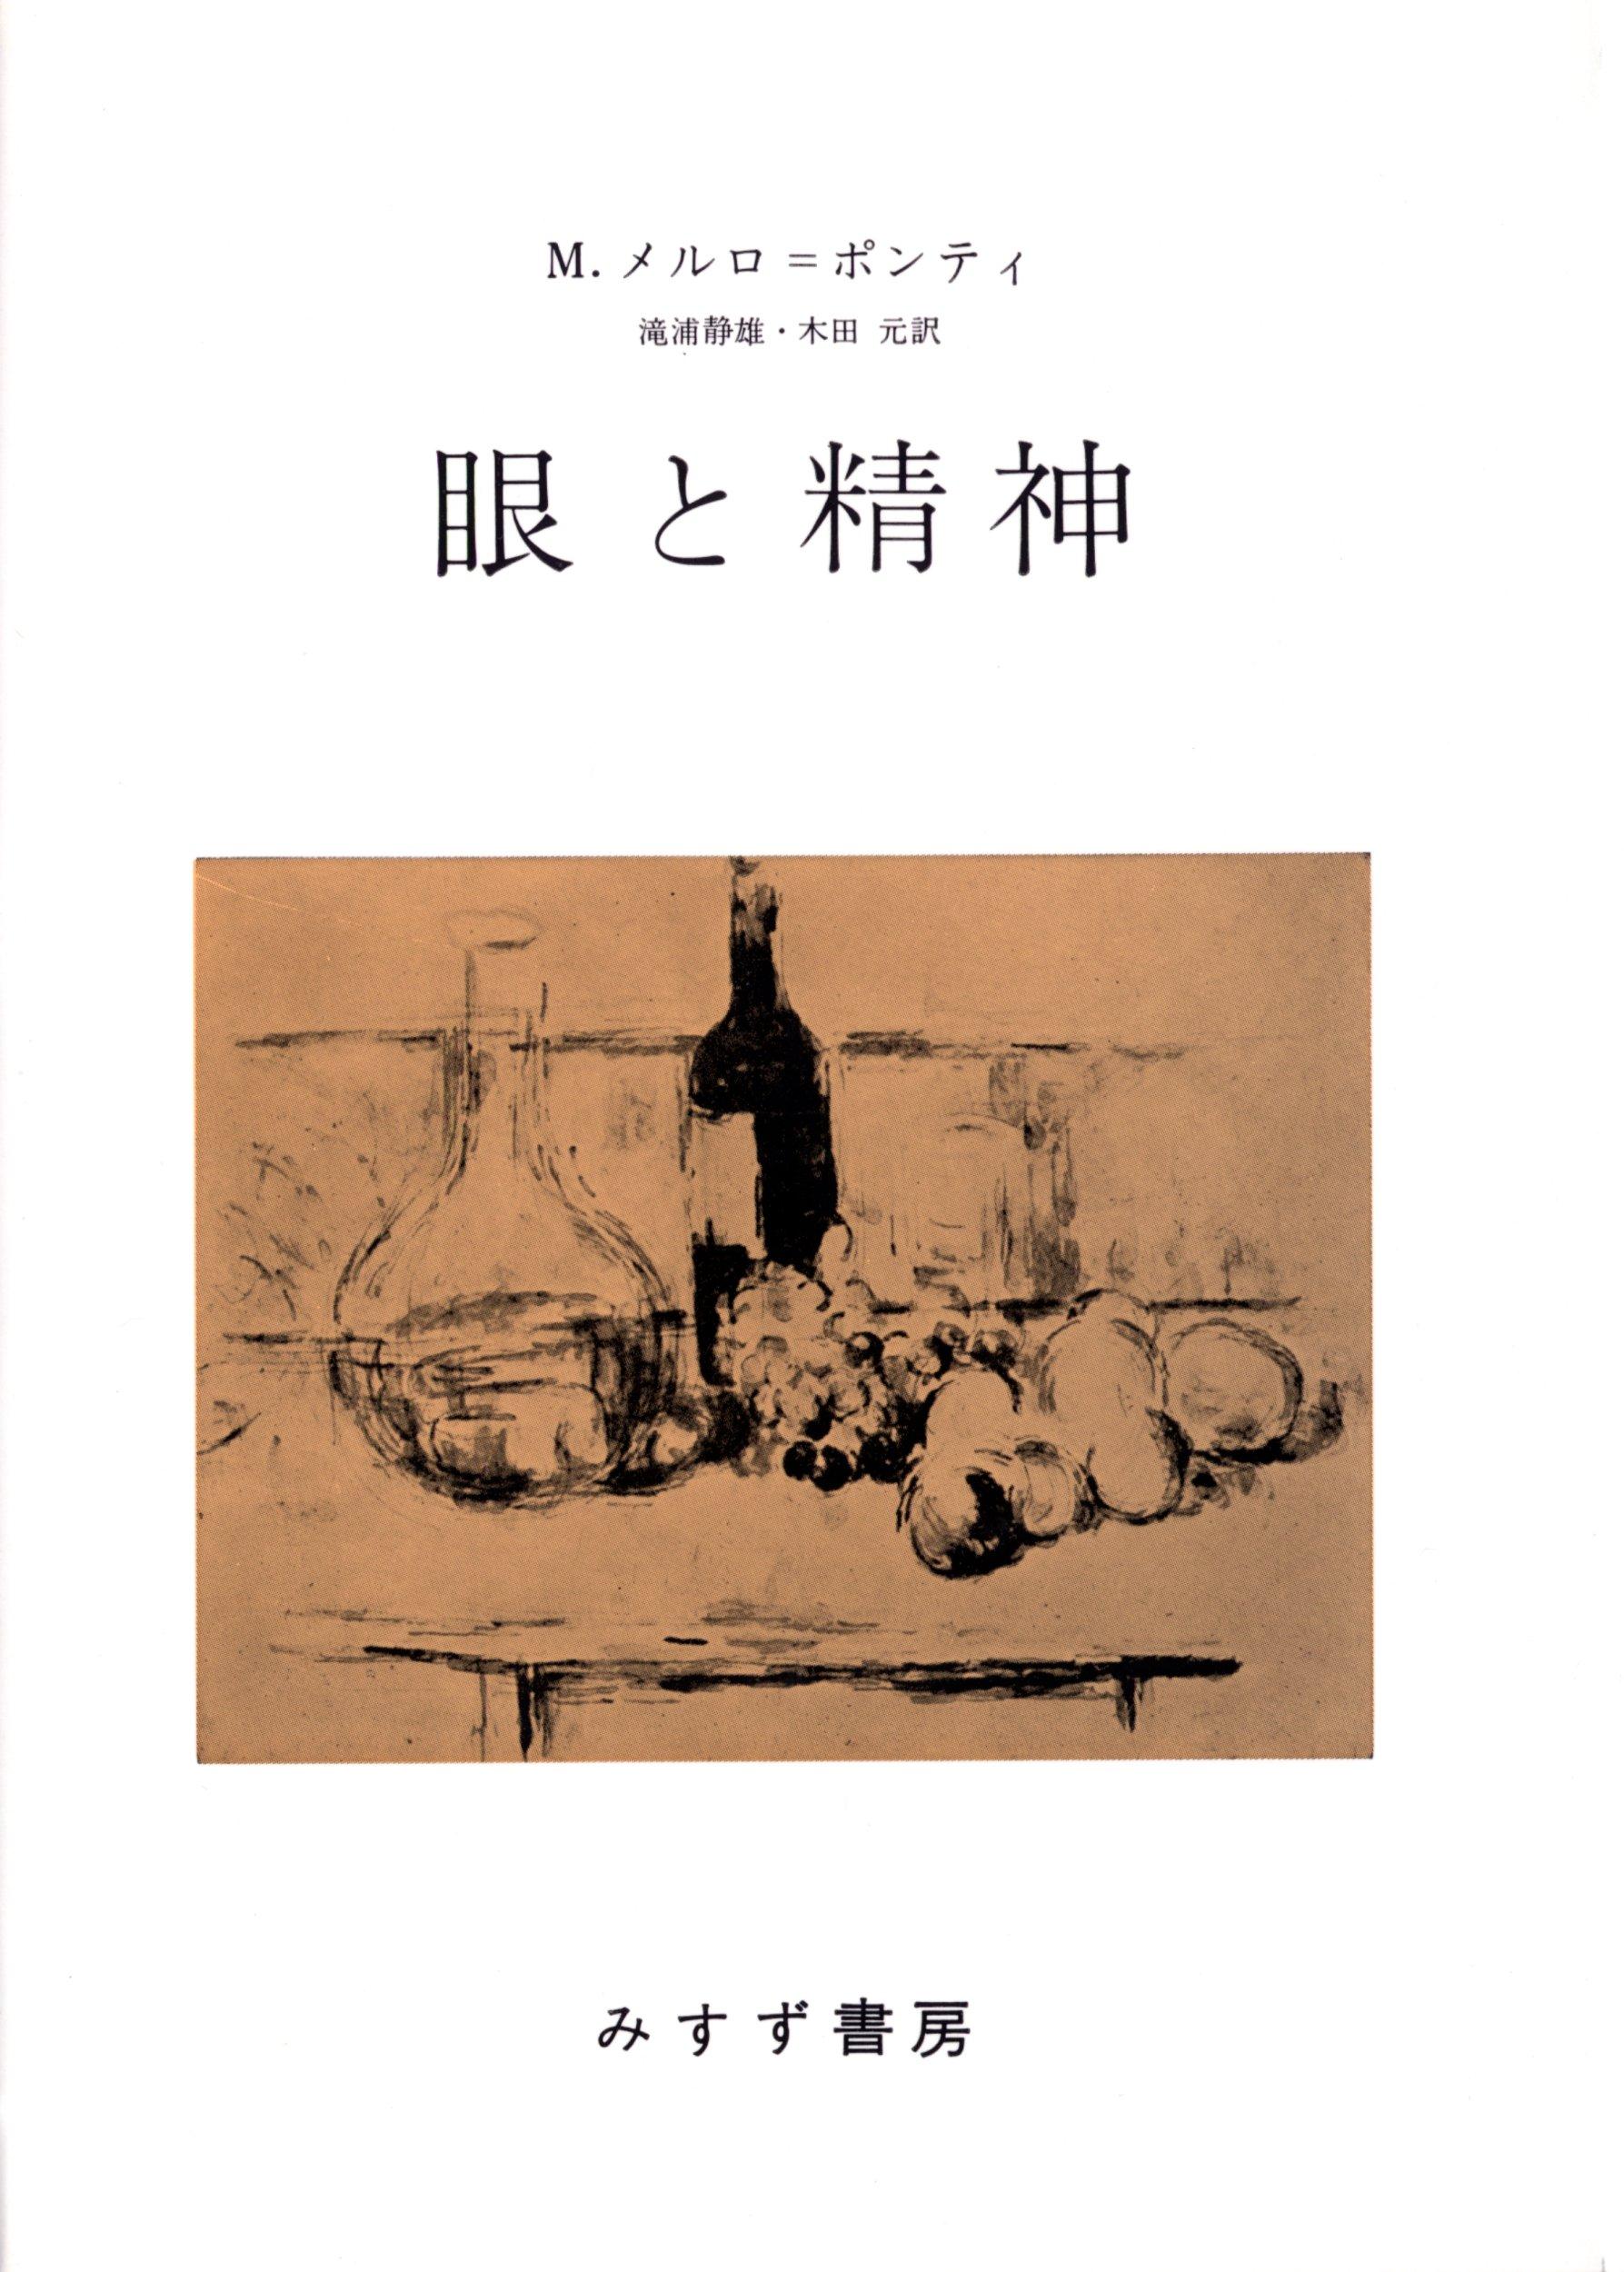 「精神と眼 メルロ・ポンティ」の画像検索結果